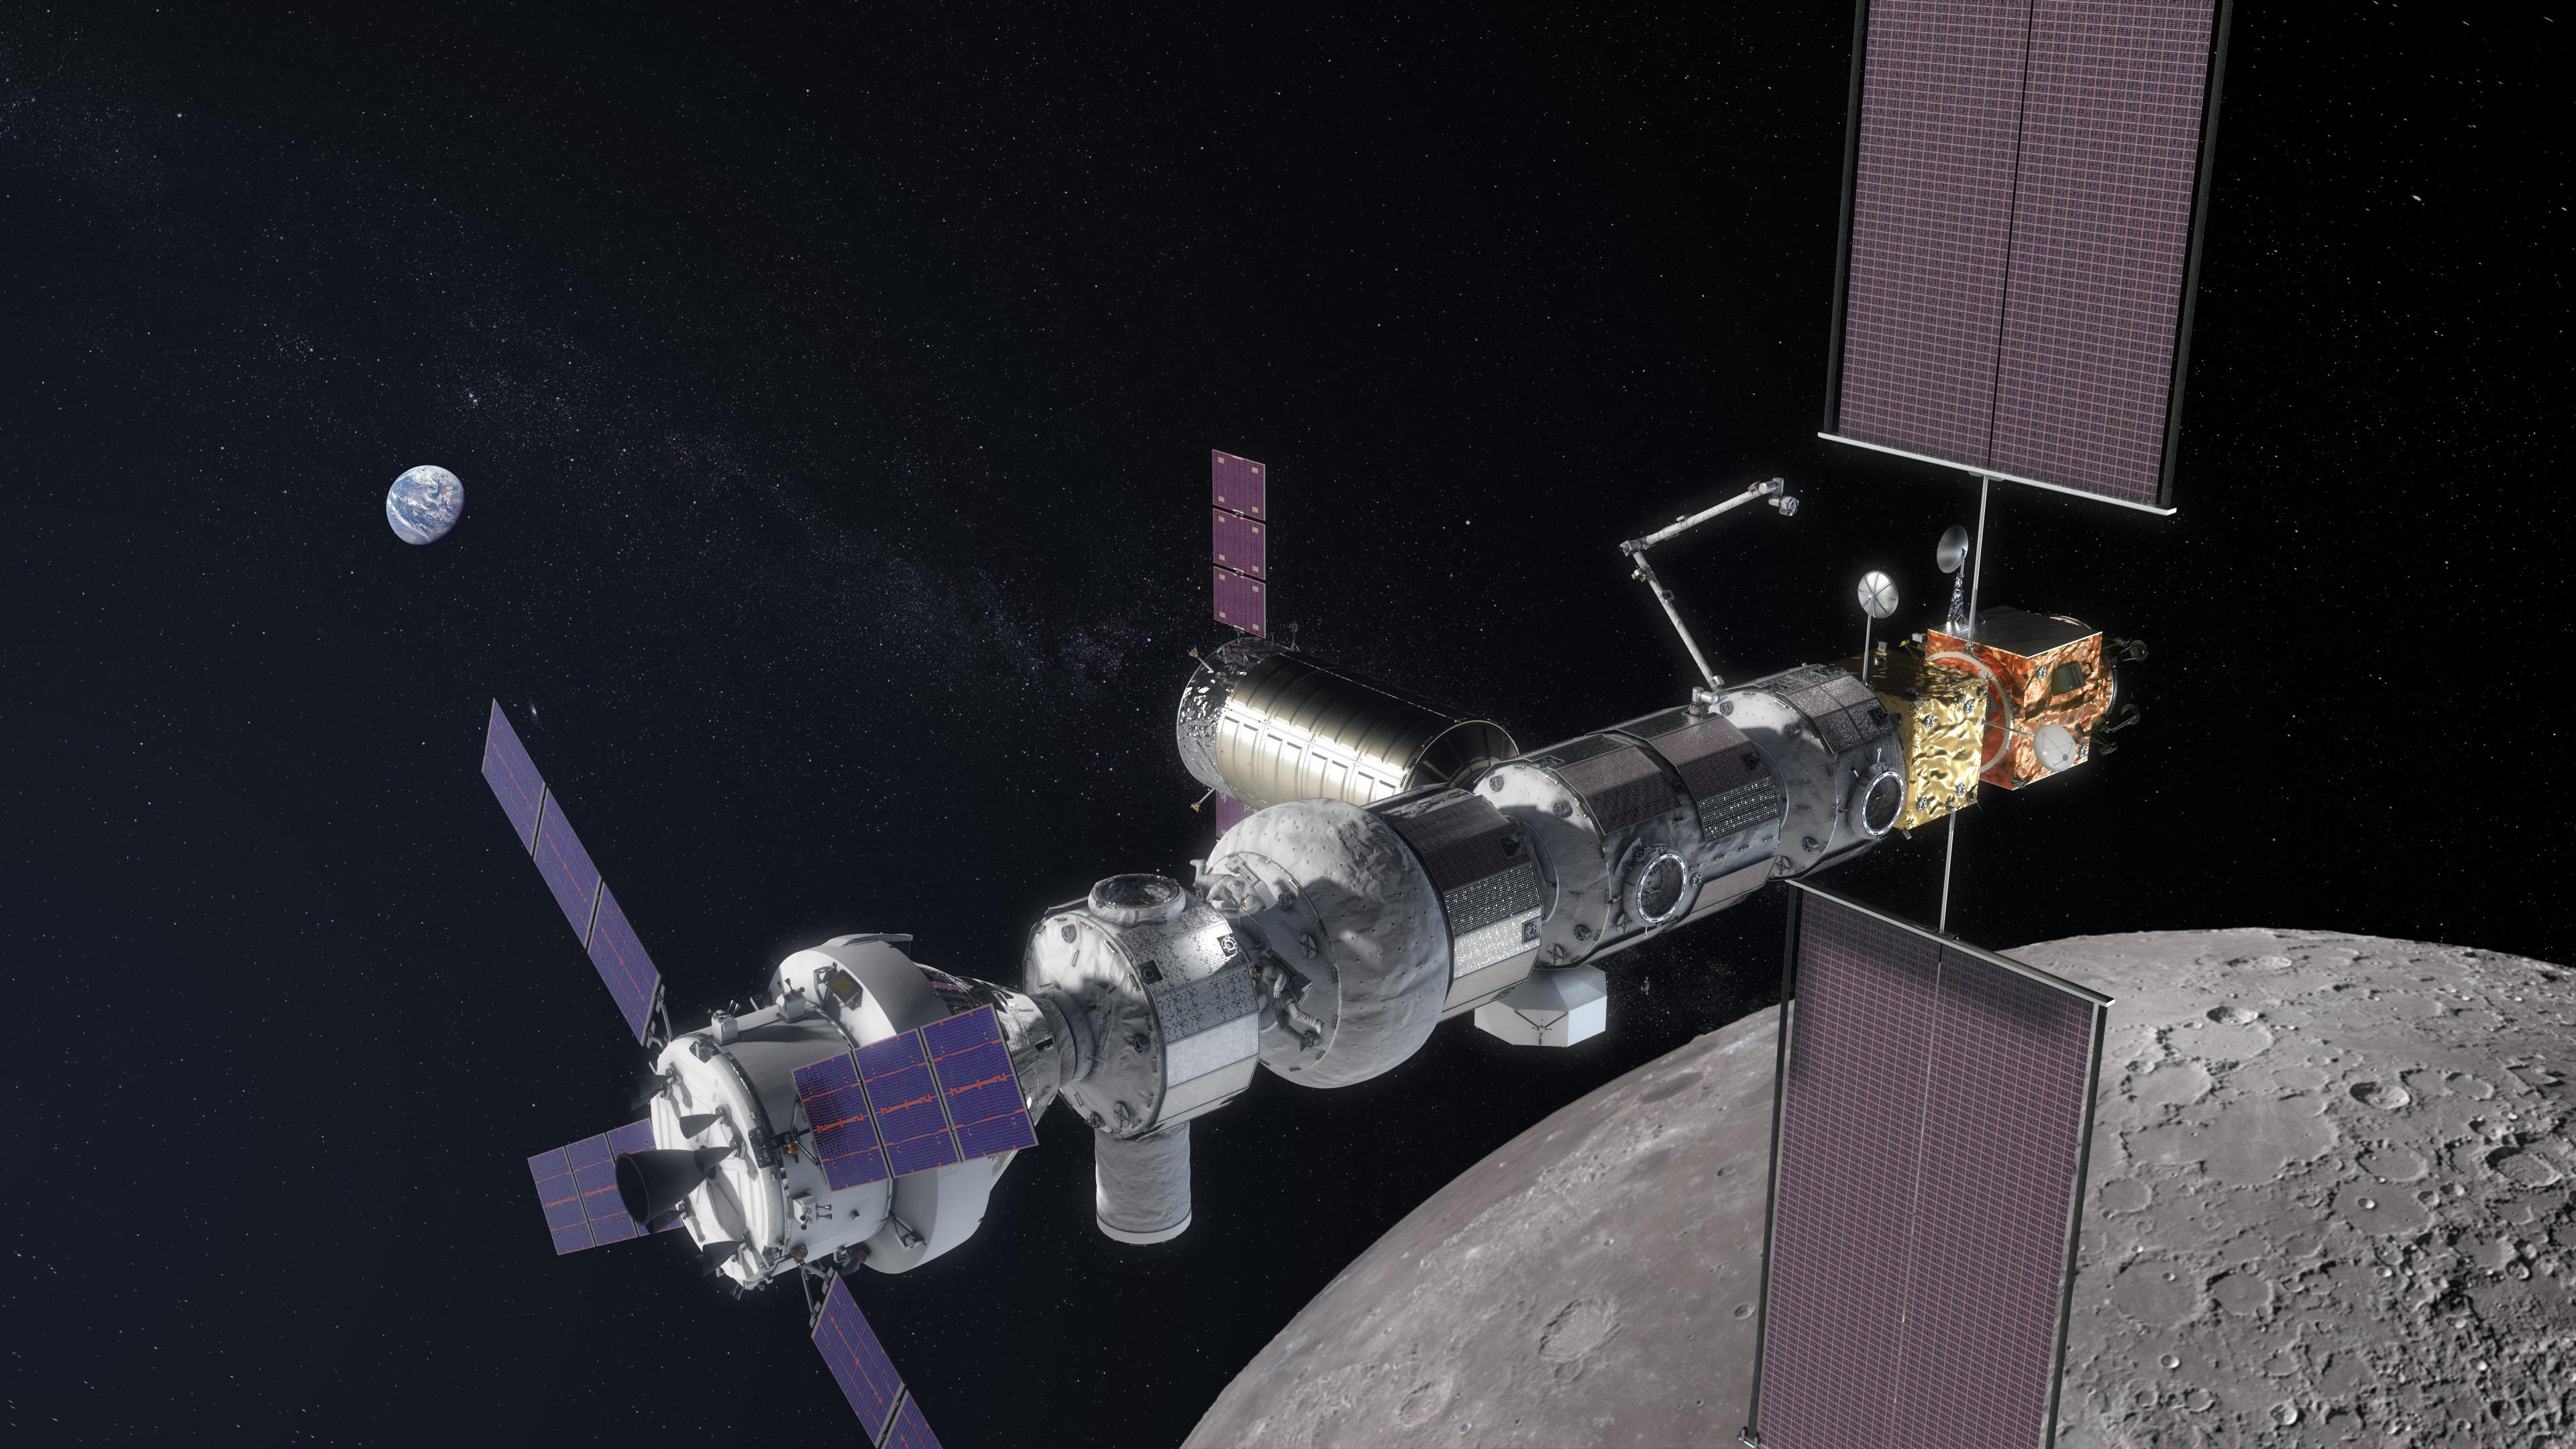 Slik kan the Gateway, den nye romstasjonen i bane rundt månen, komme til å se ut. Orion er dokket lengst til venstre. Illustrasjon: NASA